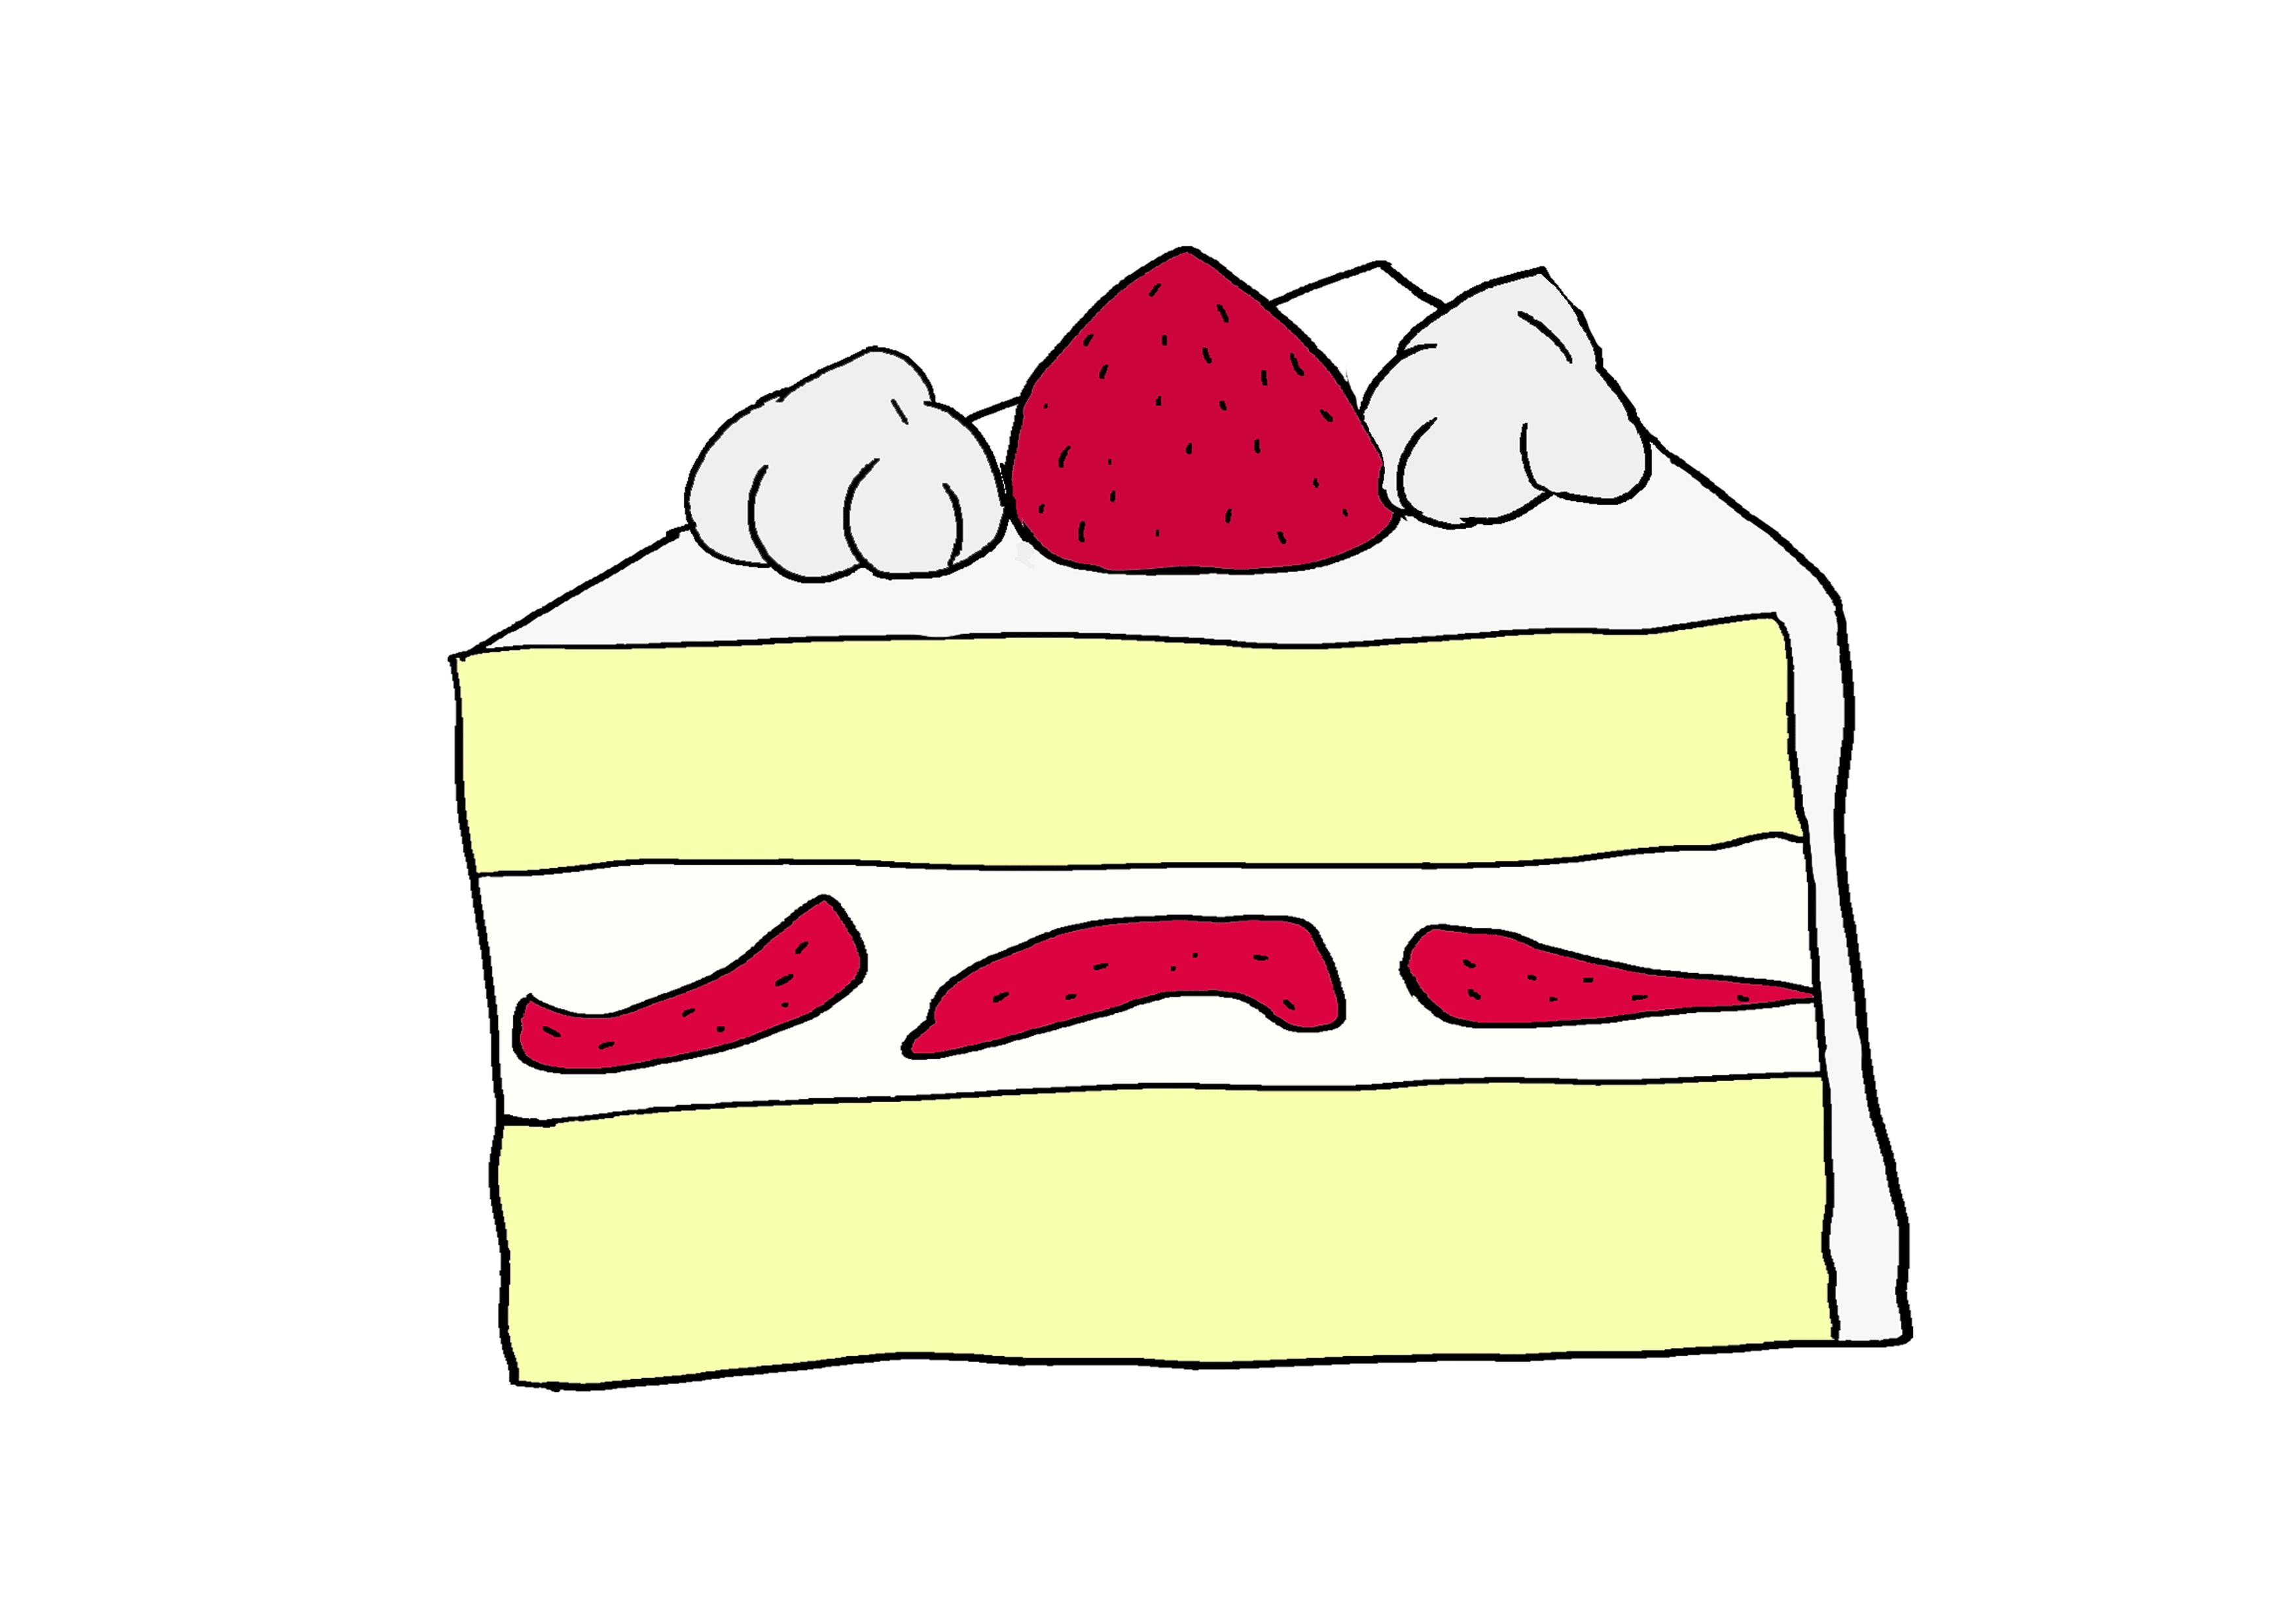 イラスト【ケーキ】